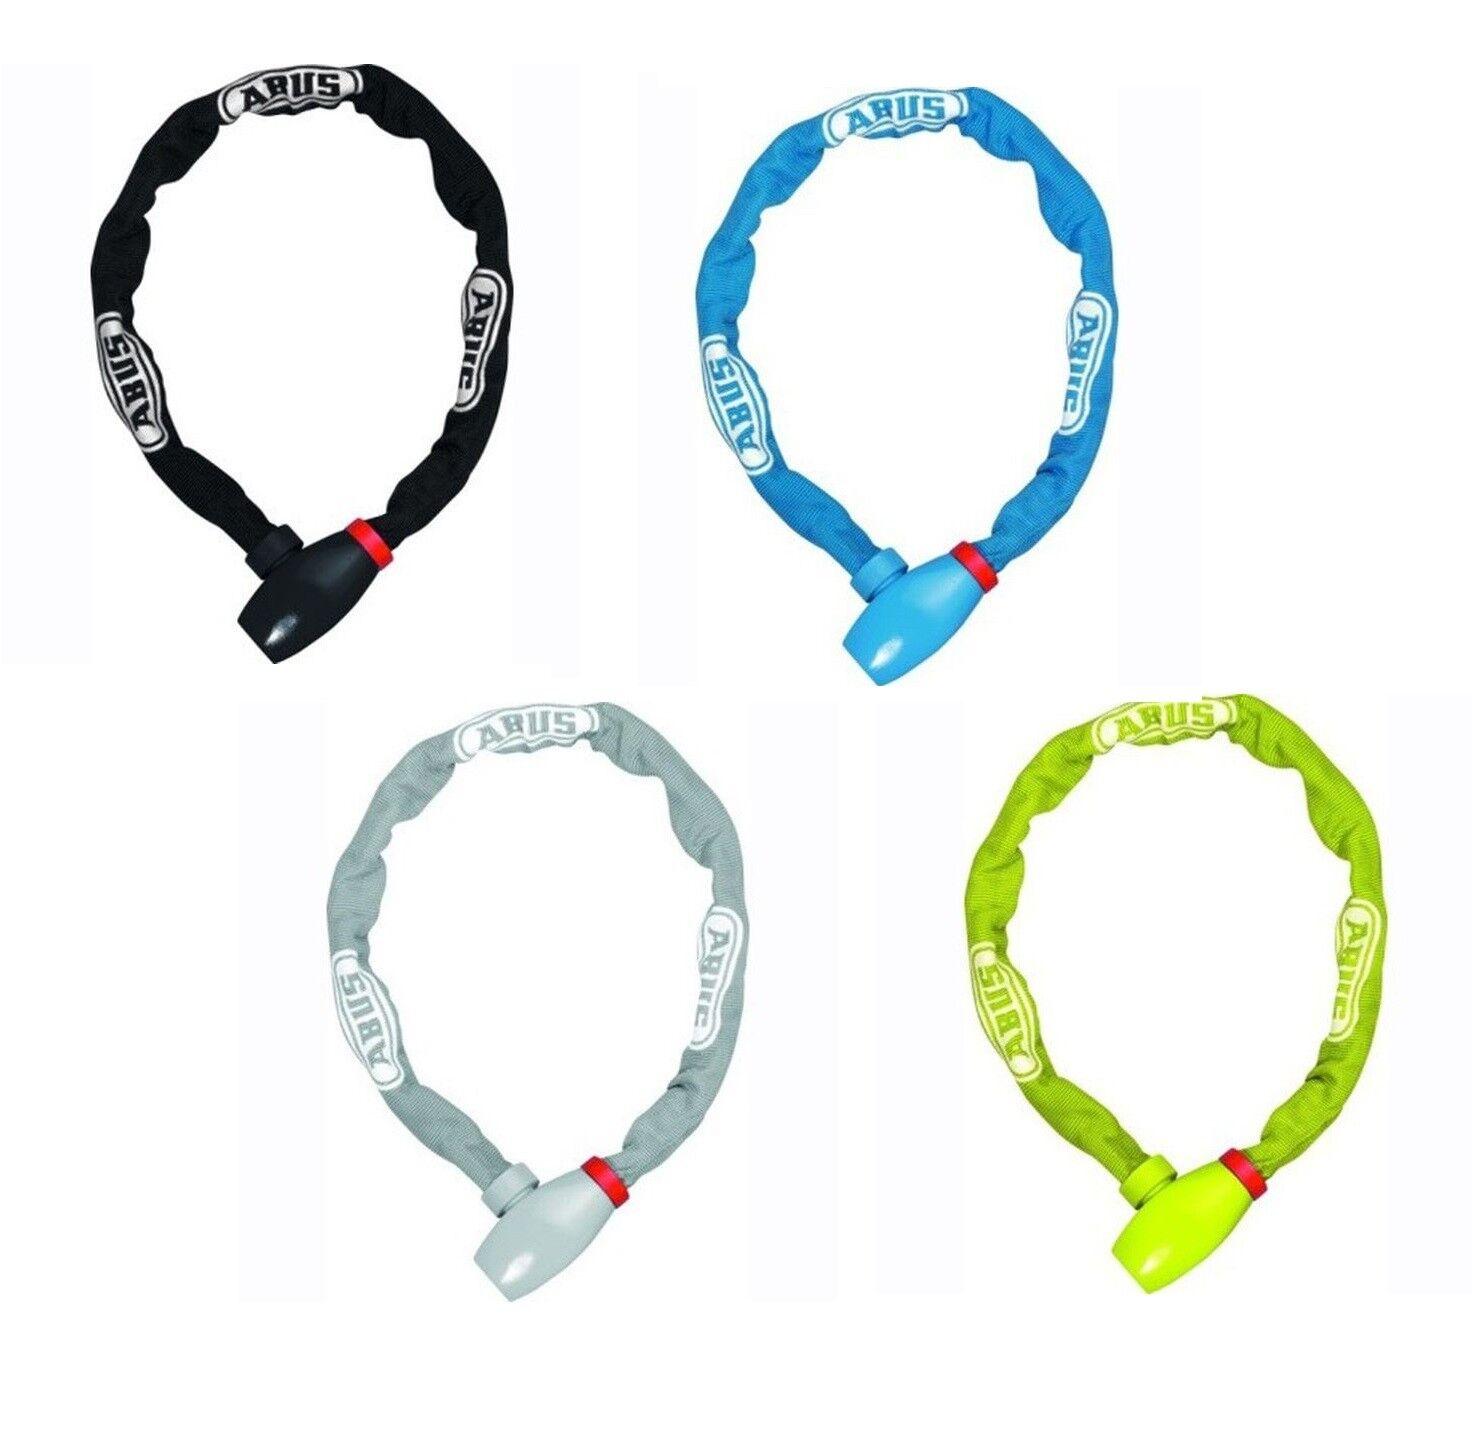 ABUS uGrip Chain 585 100 Fahrrad-Kettenschloss 100cm, 5mm stark, versch. Farben